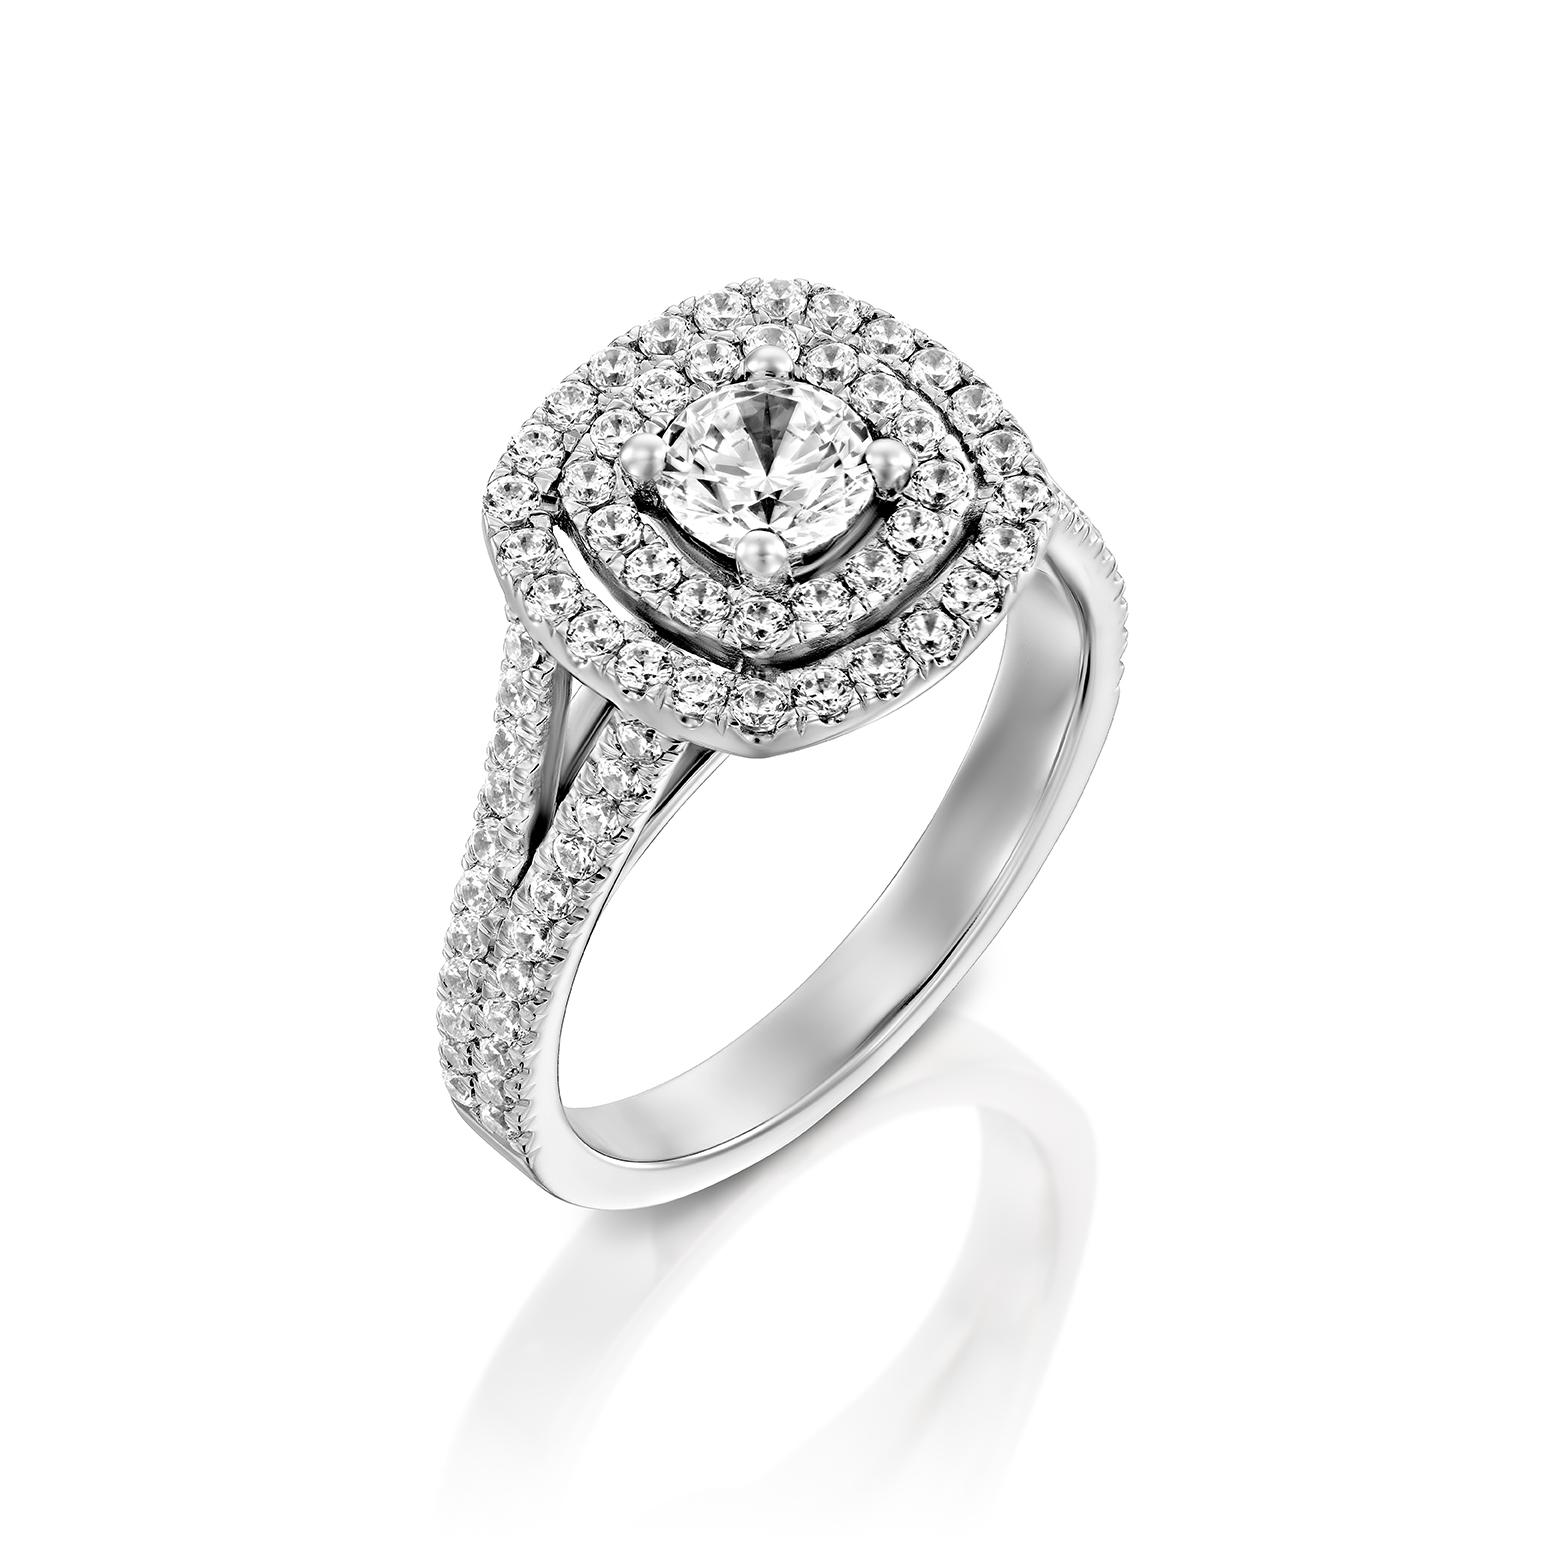 טבעת אירוסין זהב לבן 14 קראט משובצת יהלומים CUSHION DOUBLE HALOW TWO ROWS